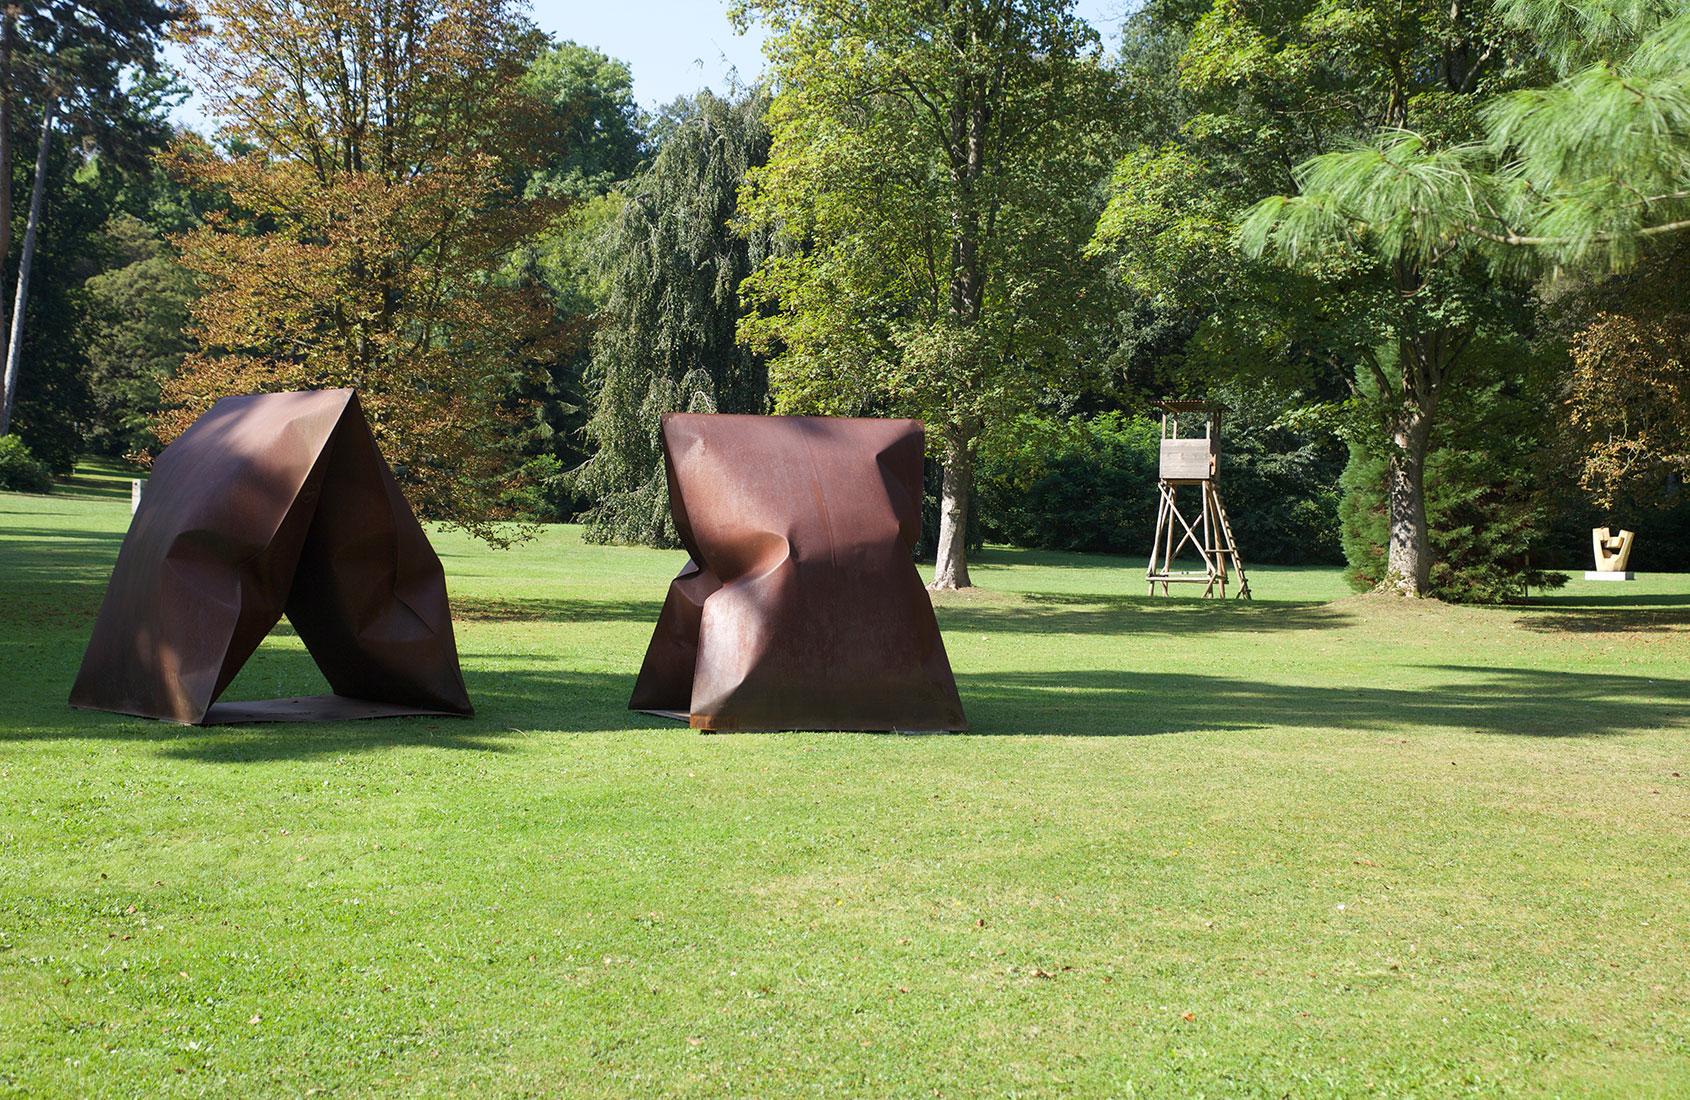 park-skluptur